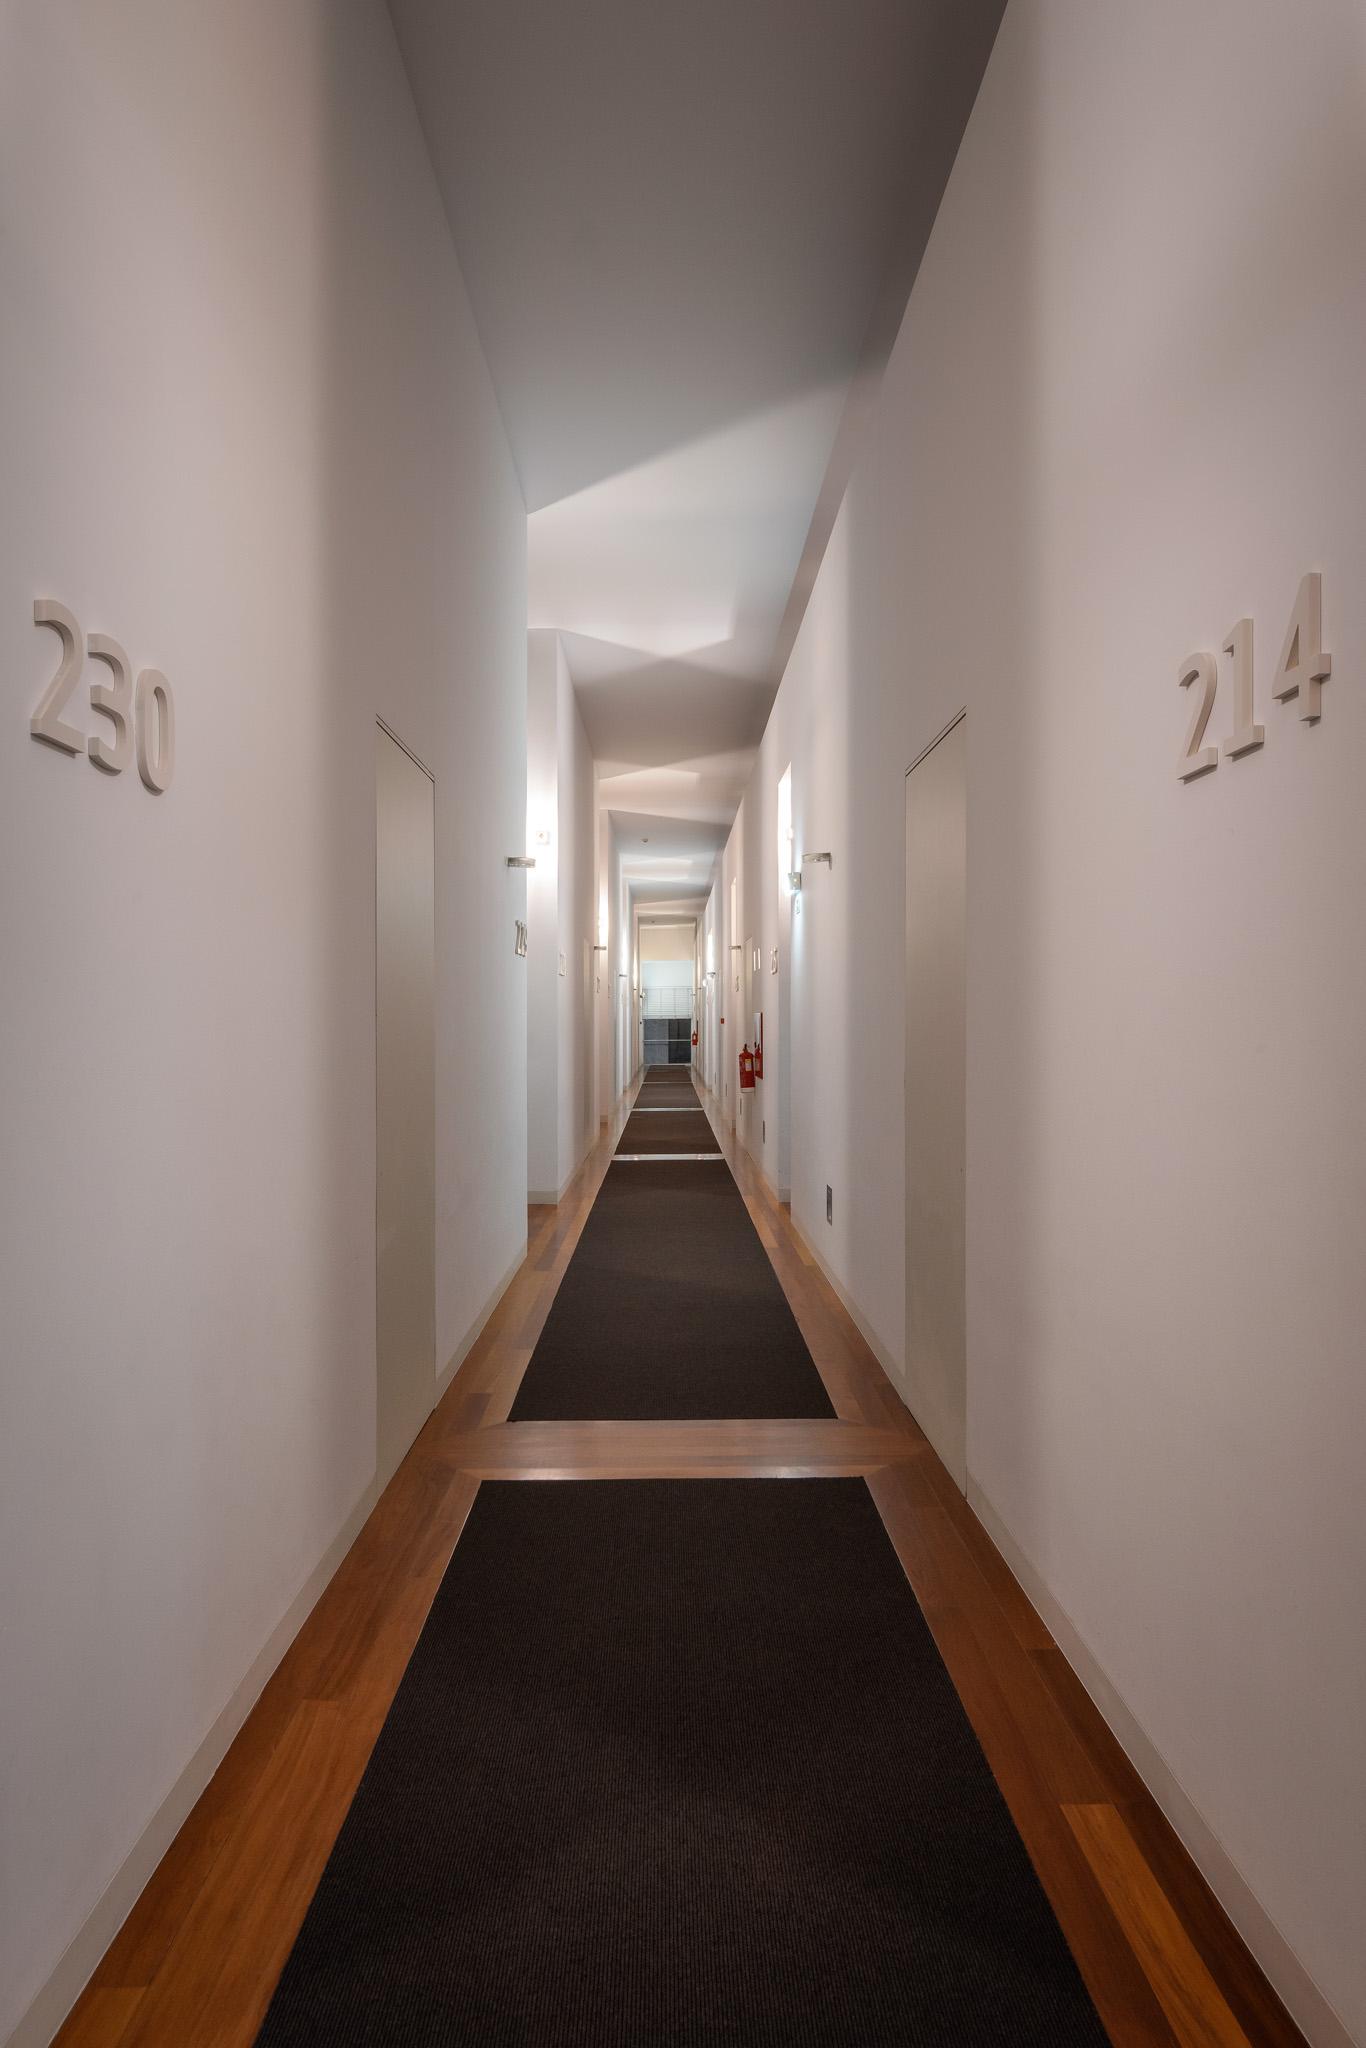 34-Corredor dos quartos-noite.jpg